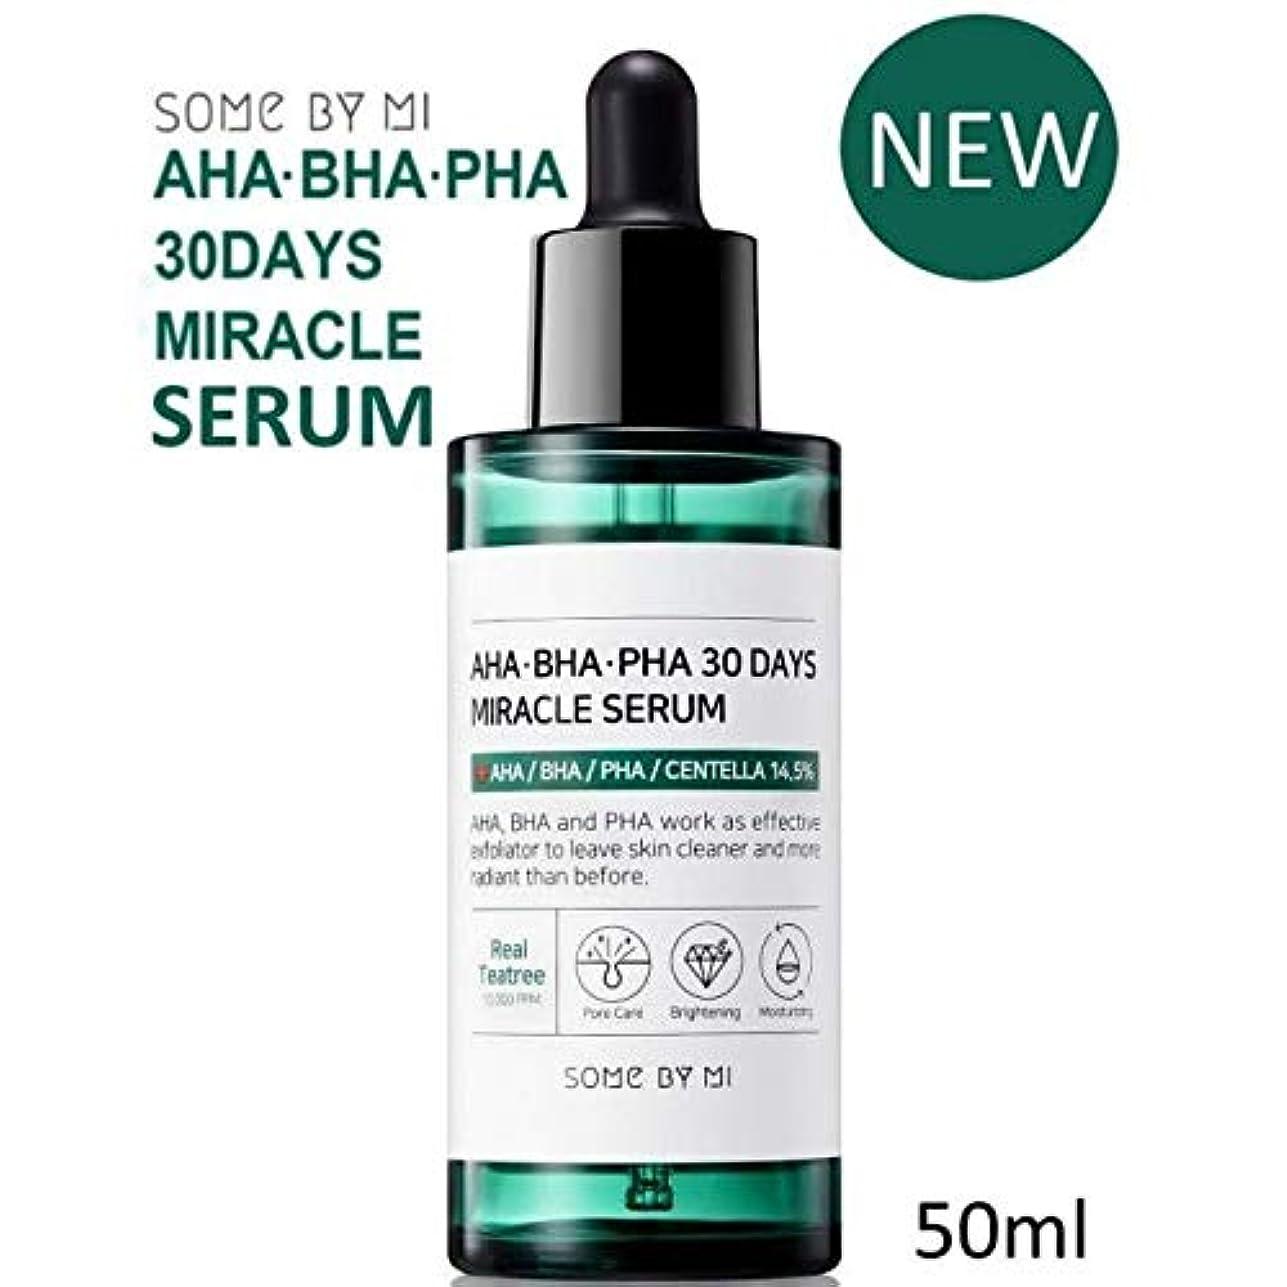 調停するそれにもかかわらずに頼る[Somebymi] AHA BHA PHA 30Days Miracle Serum 50ml/Korea Cosmetic [並行輸入品]